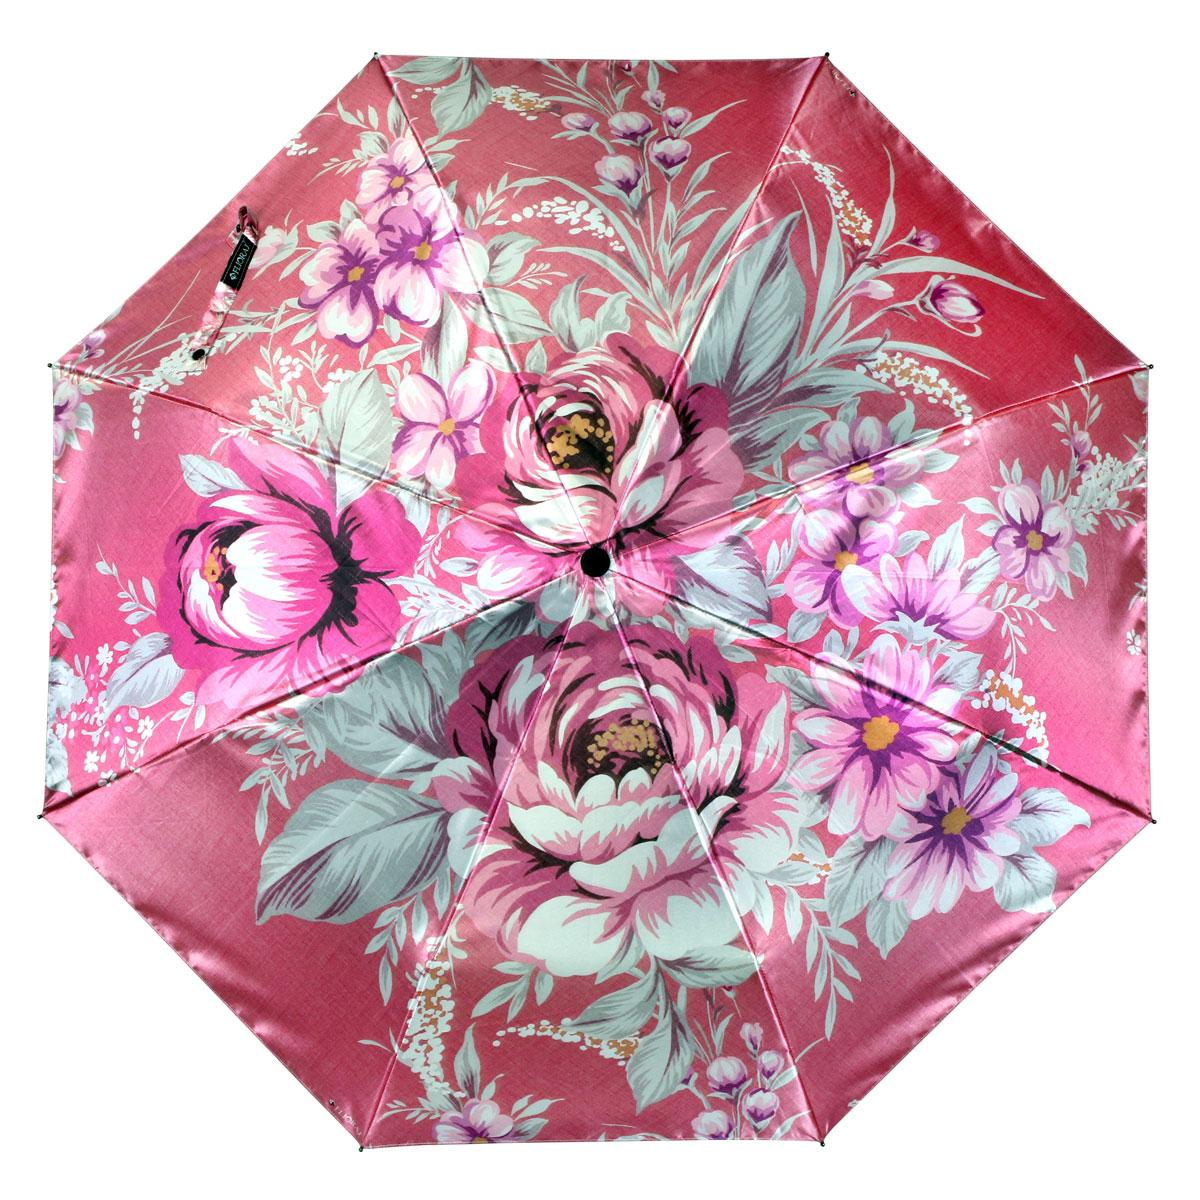 Зонт женский Flioraj Розы, автомат, 3 сложения. 013-036FJ013-036FJСтильный автоматический зонт Flioraj Розы в 3 сложения даже в ненастную погоду позволит вам оставаться стильной и элегантной. Каркас зонта из анодированной стали состоит из восьми карбоновых спиц, оснащен удобной прорезиненной рукояткой. Зонт имеет полный автоматический механизм сложения: купол открывается и закрывается нажатием кнопки на рукоятке, стержень складывается вручную до характерного щелчка, благодаря чему открыть и закрыть зонт можно одной рукой, что чрезвычайно удобно при входе в транспорт или помещение. Купол зонта выполнен из прочного сатина черного цвета и оформлен изображением розовых роз. На рукоятке для удобства есть небольшой шнурок-резинка, позволяющий надеть зонт на руку тогда, когда это будет необходимо. К зонту прилагается чехол.